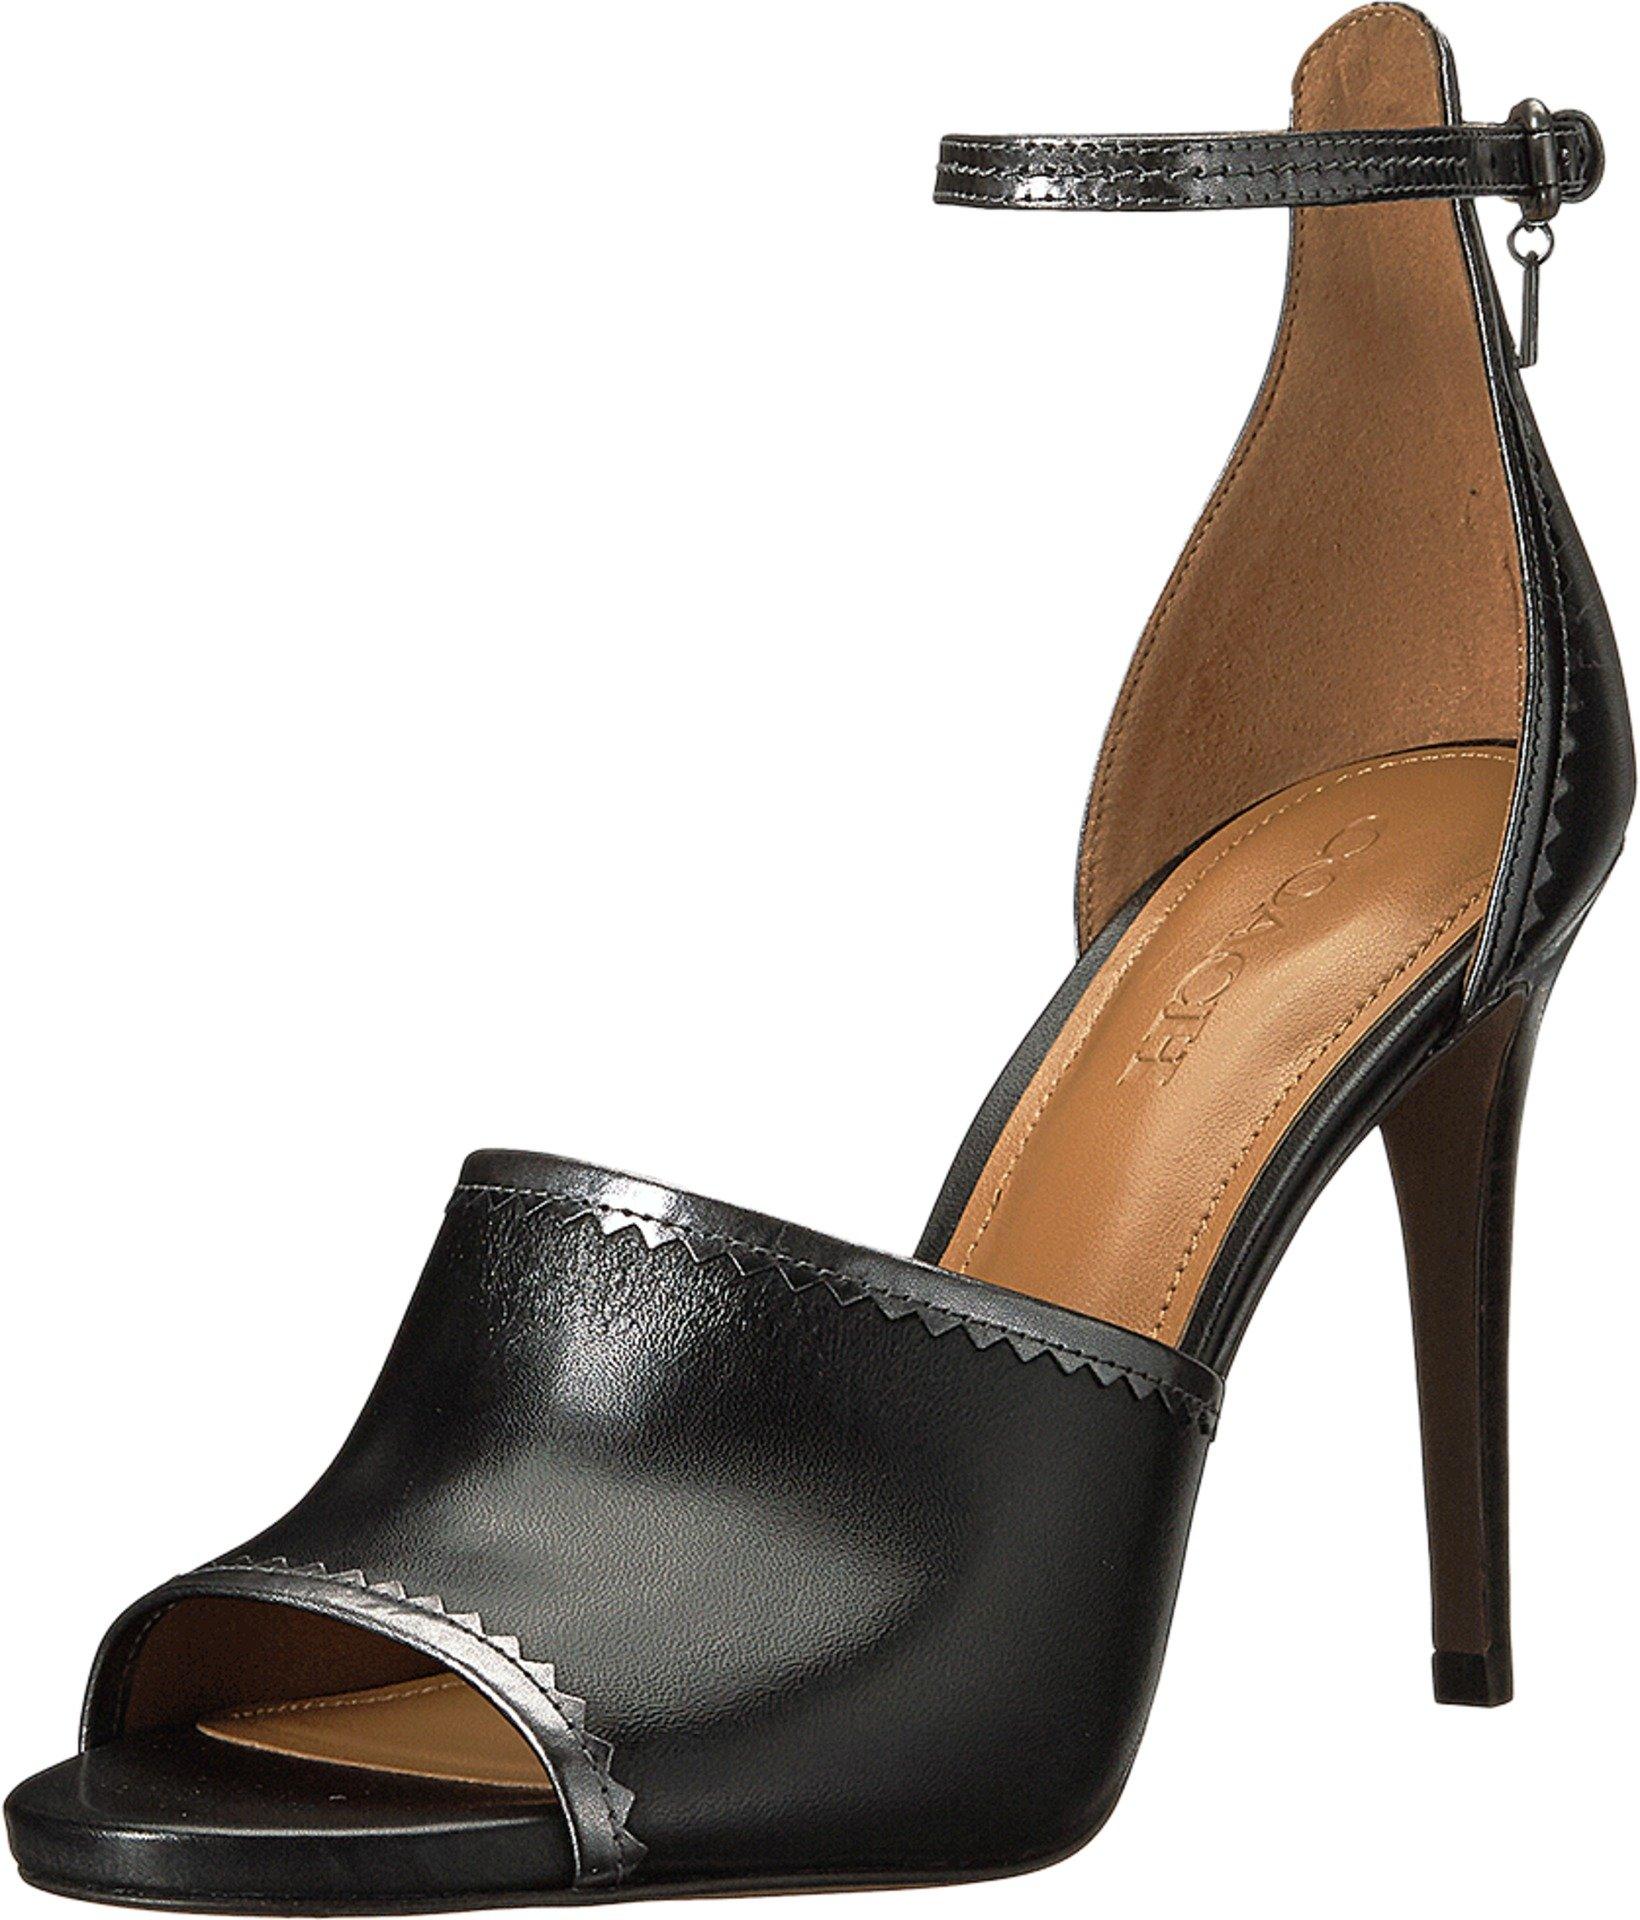 COACH Women's Jordan Black/Gunmetal Matte Calf/Mirror Metallic Sandal by Coach